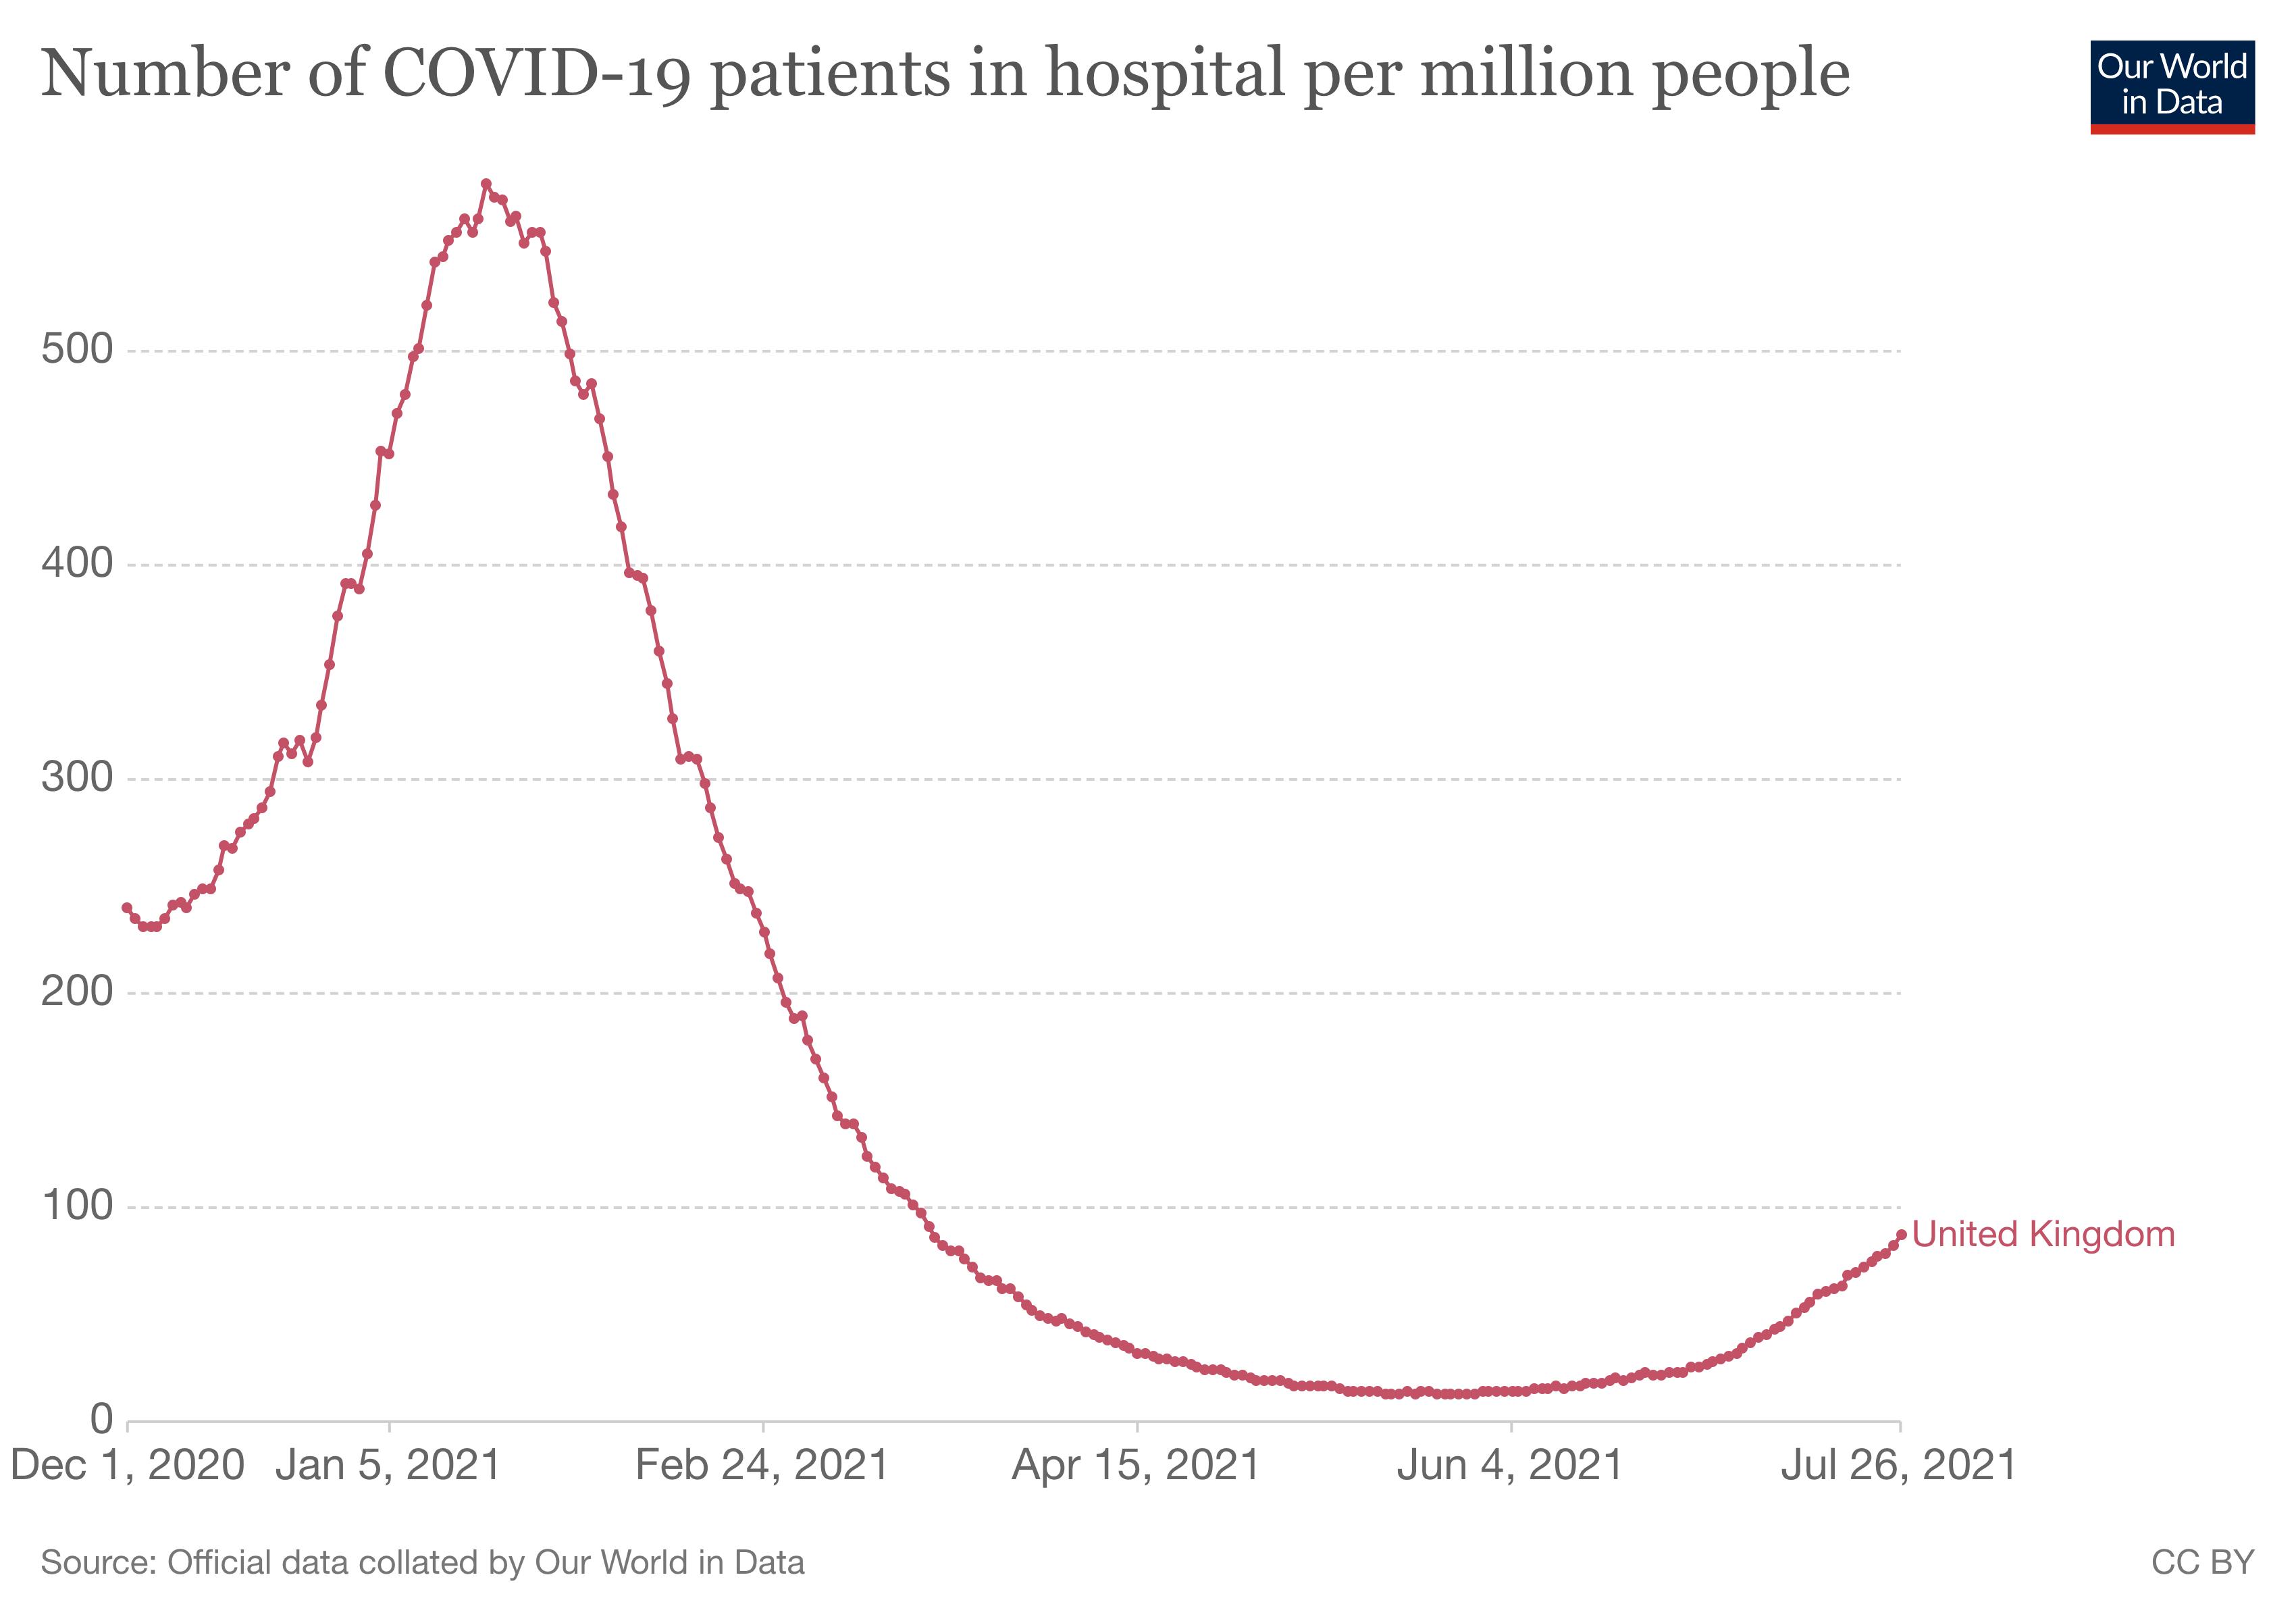 pacjenci w szpitalu w Wielkiej Brytanii do 04.08.2021